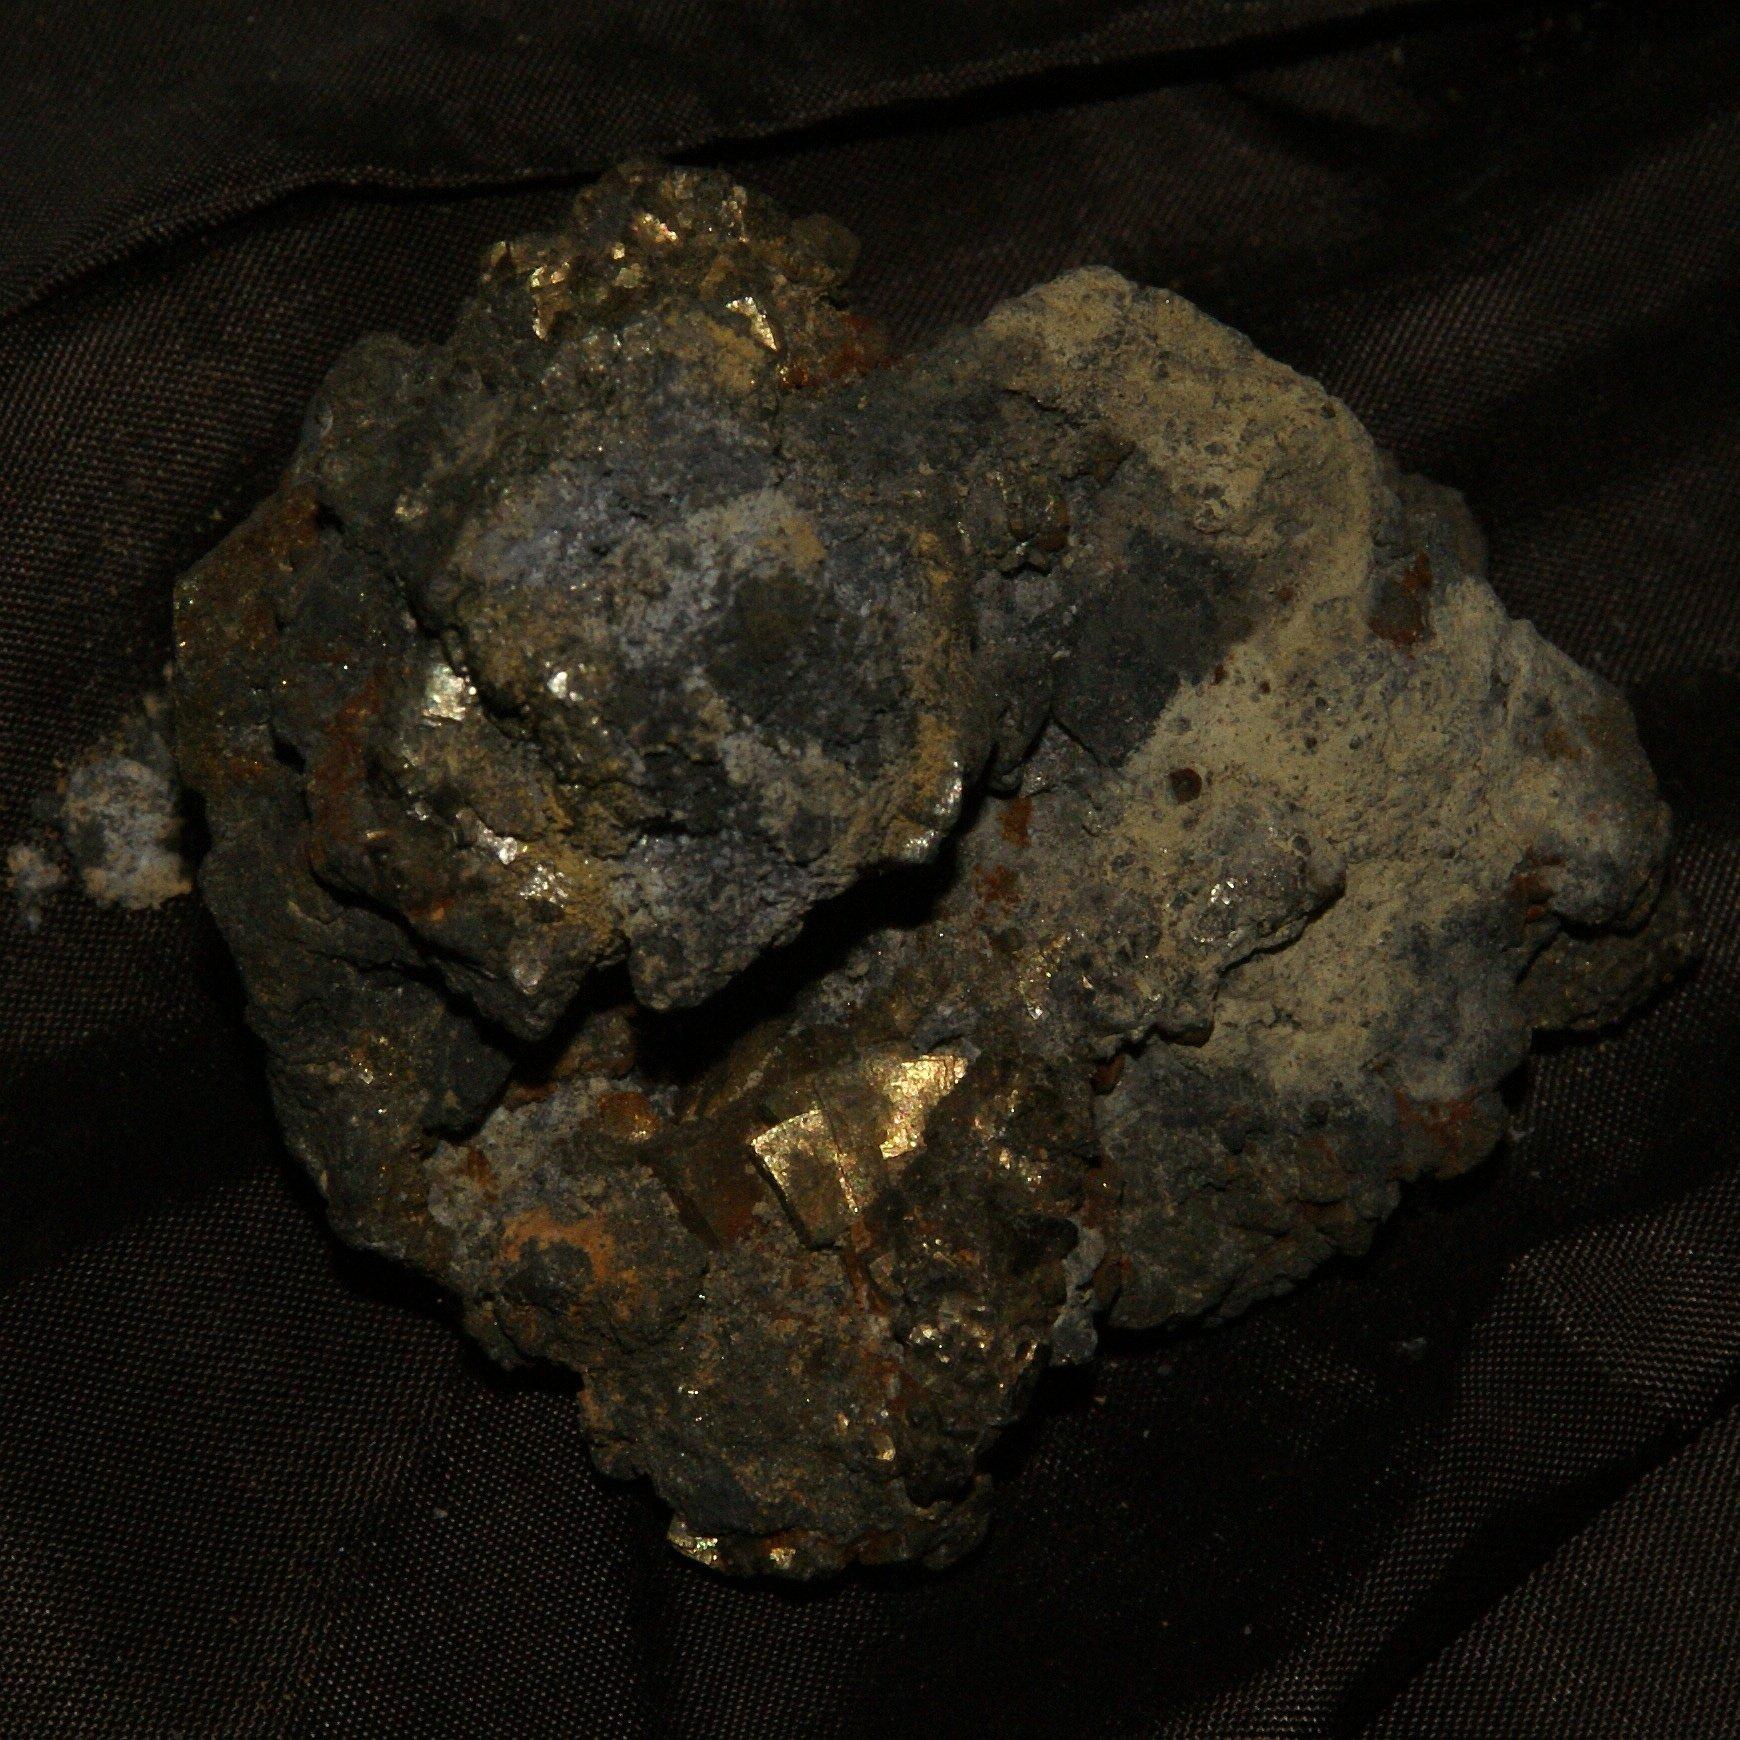 Медная руда, музей Санта-Клара Нова, Альмодовар, Португалия.